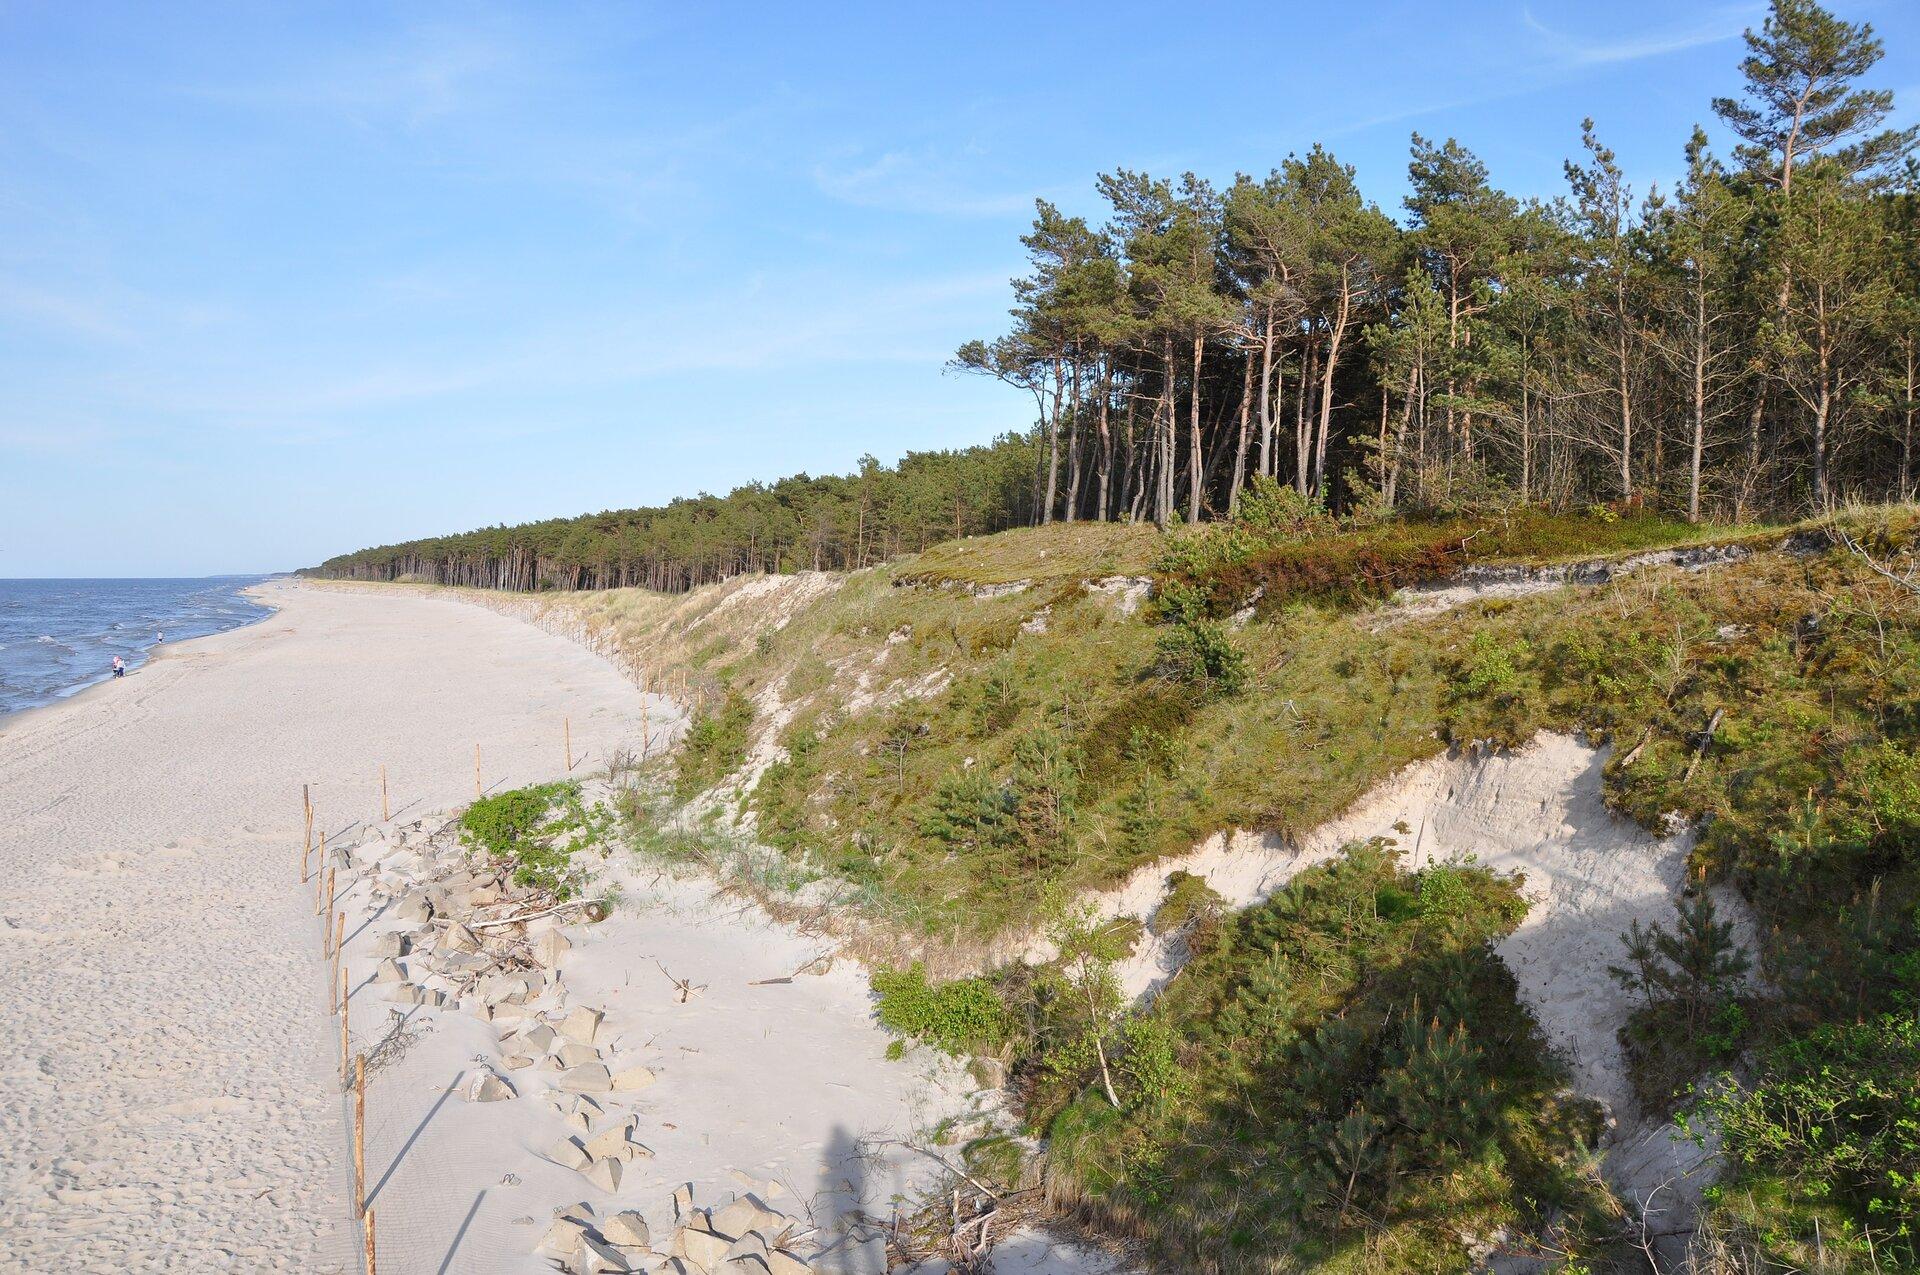 Zdjęcie przedstawia nadbałtyckie wydmy. Nie są tak wysokie jak klify, lekko pagórkowate, porośnięte wgłównej mierze niską roślinnością, krzewami itrawami. Wtle sosny.